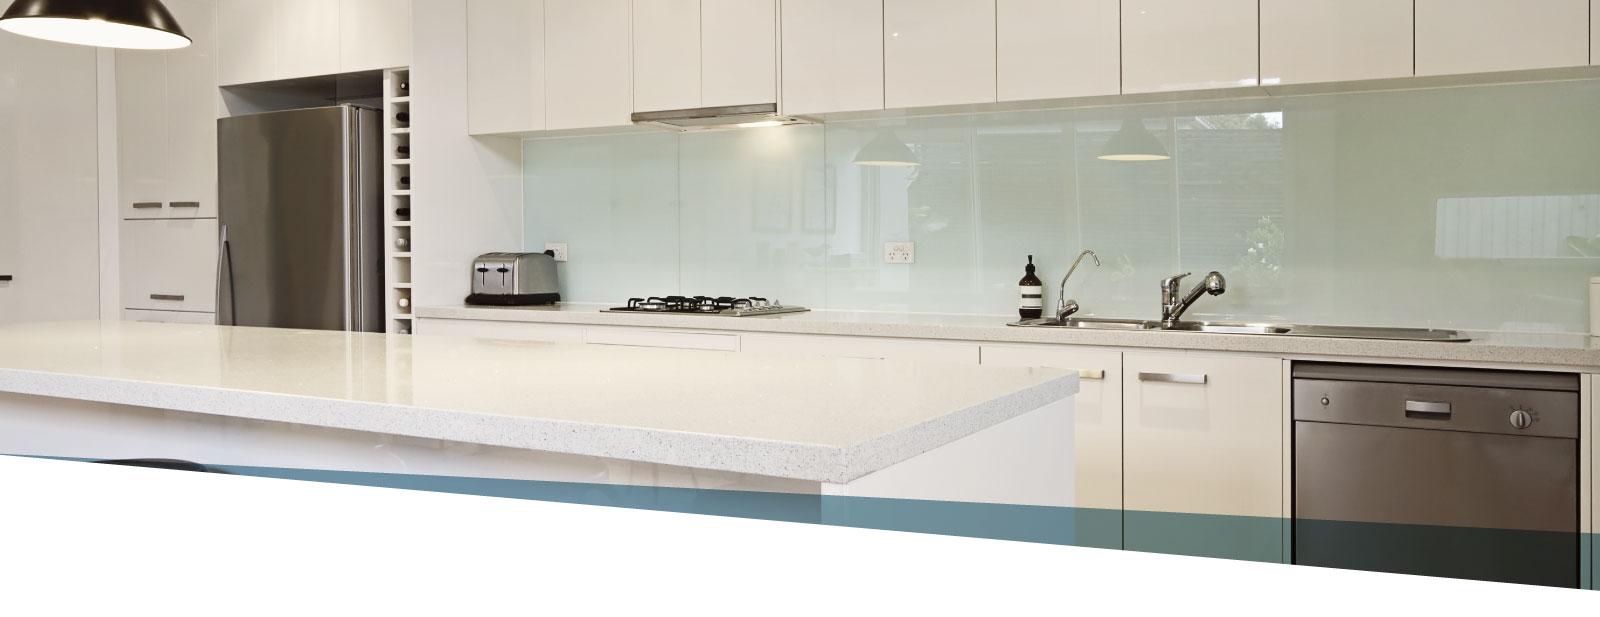 Rivestimento cucina vetro